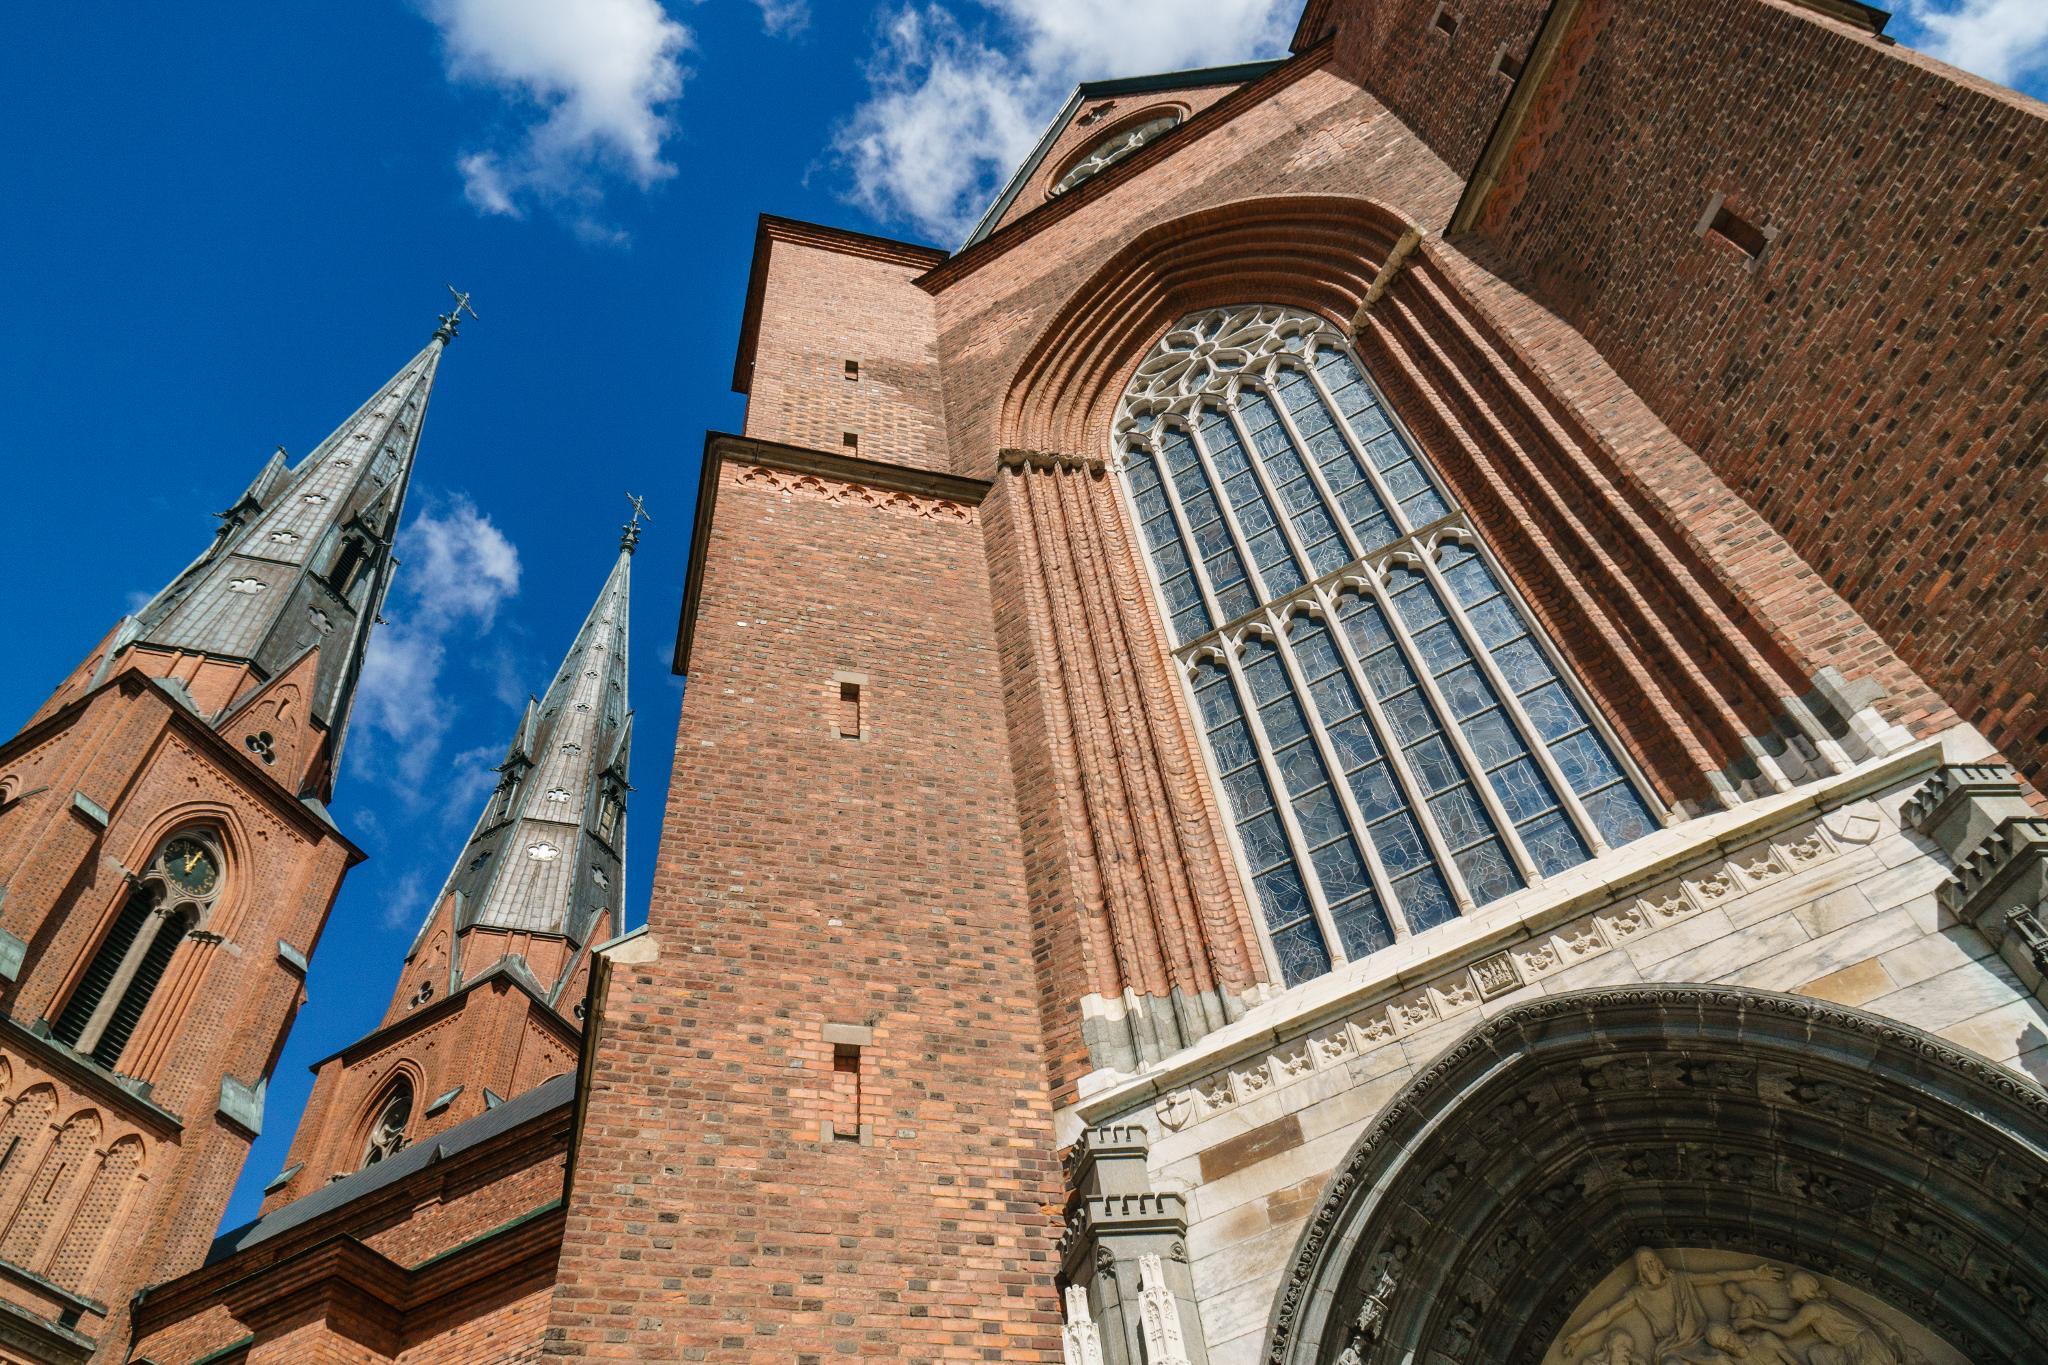 【北歐景點】瑞典的歷史縮影 — 老城烏普薩拉(Uppsala)的人文風景 30